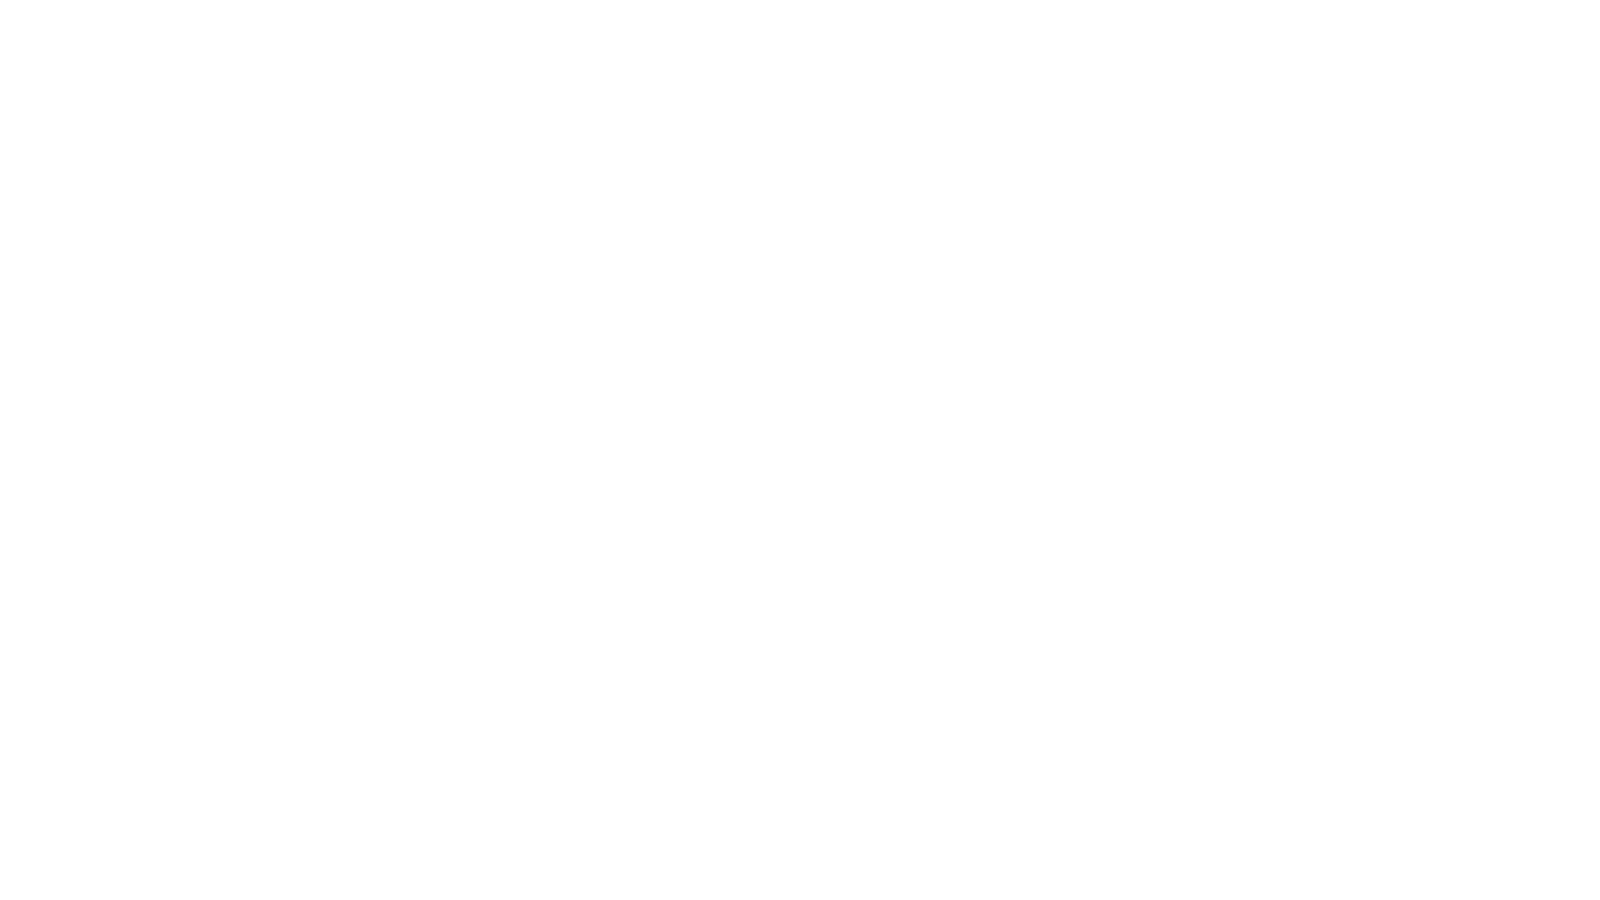 La conexión sae-aspel con tiendas web que ya conoces, ahora hemos agregado una nueva opcion para los usuarios de SHOPIFY: Conexion SaewebFy creada bajo nuestra marca Mojomexico. Para conocer ésta y muchas opciones que hemos creado abre nuestro sitio oficial https://saeweb.info y conoce como se integra y lo que puede ofrecer para subir tus ventas aprovechando las tecnologias de Internet.